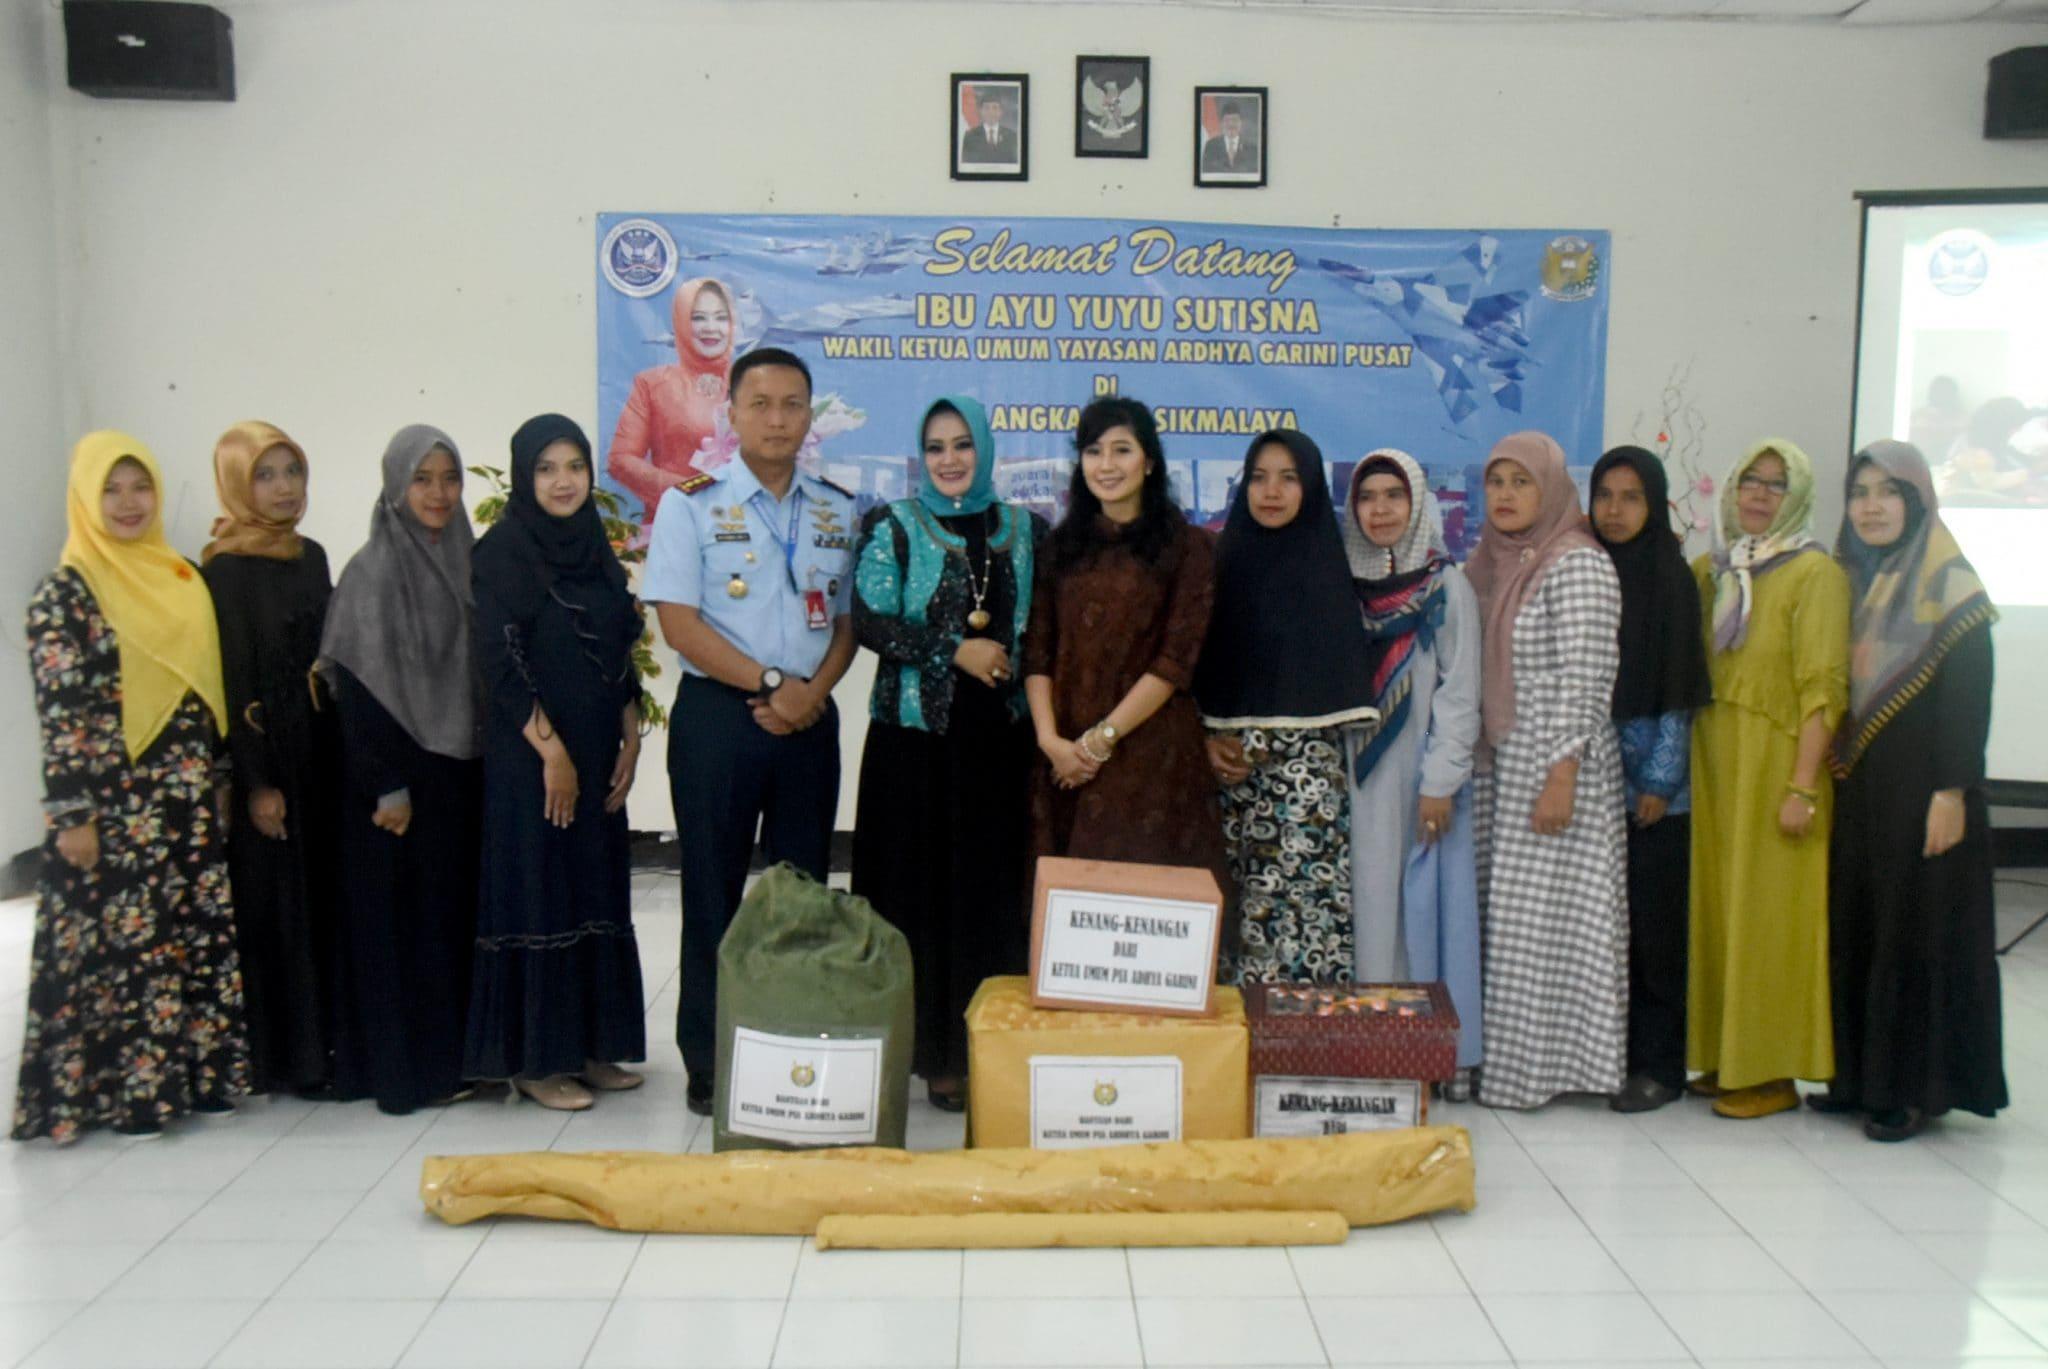 Kunjungan Ketua Umum PIA Ardhya Garini di Lanud Wiriadinata